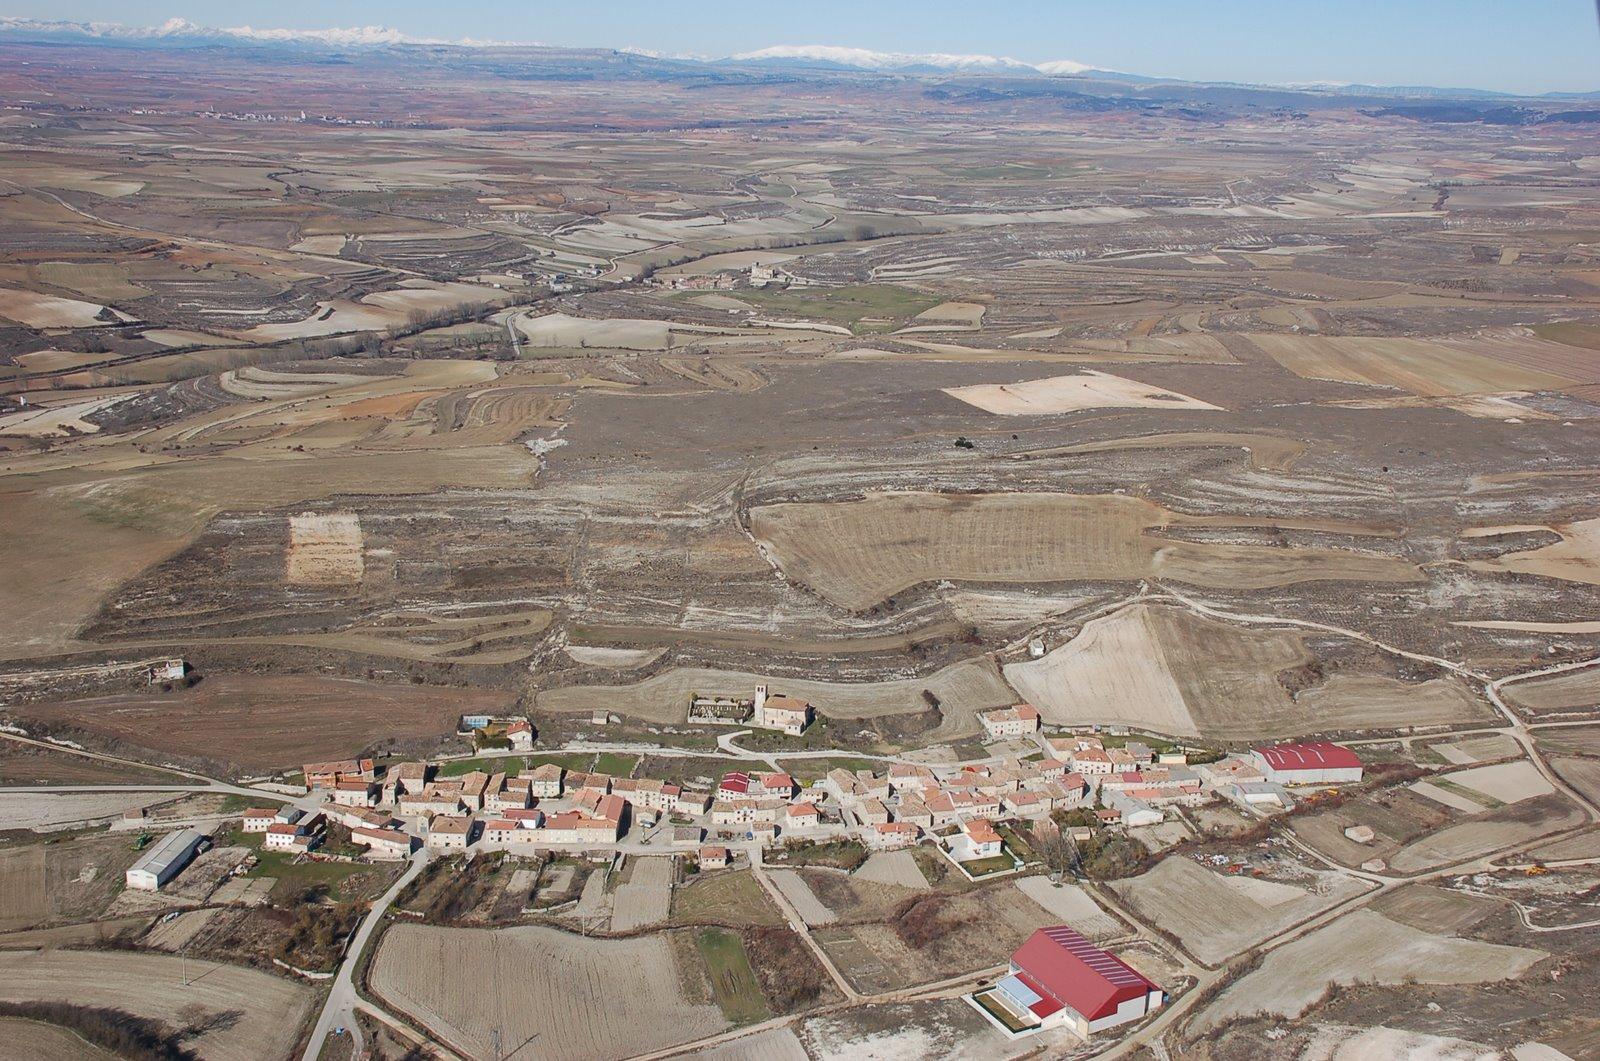 Vista aerea de susinos